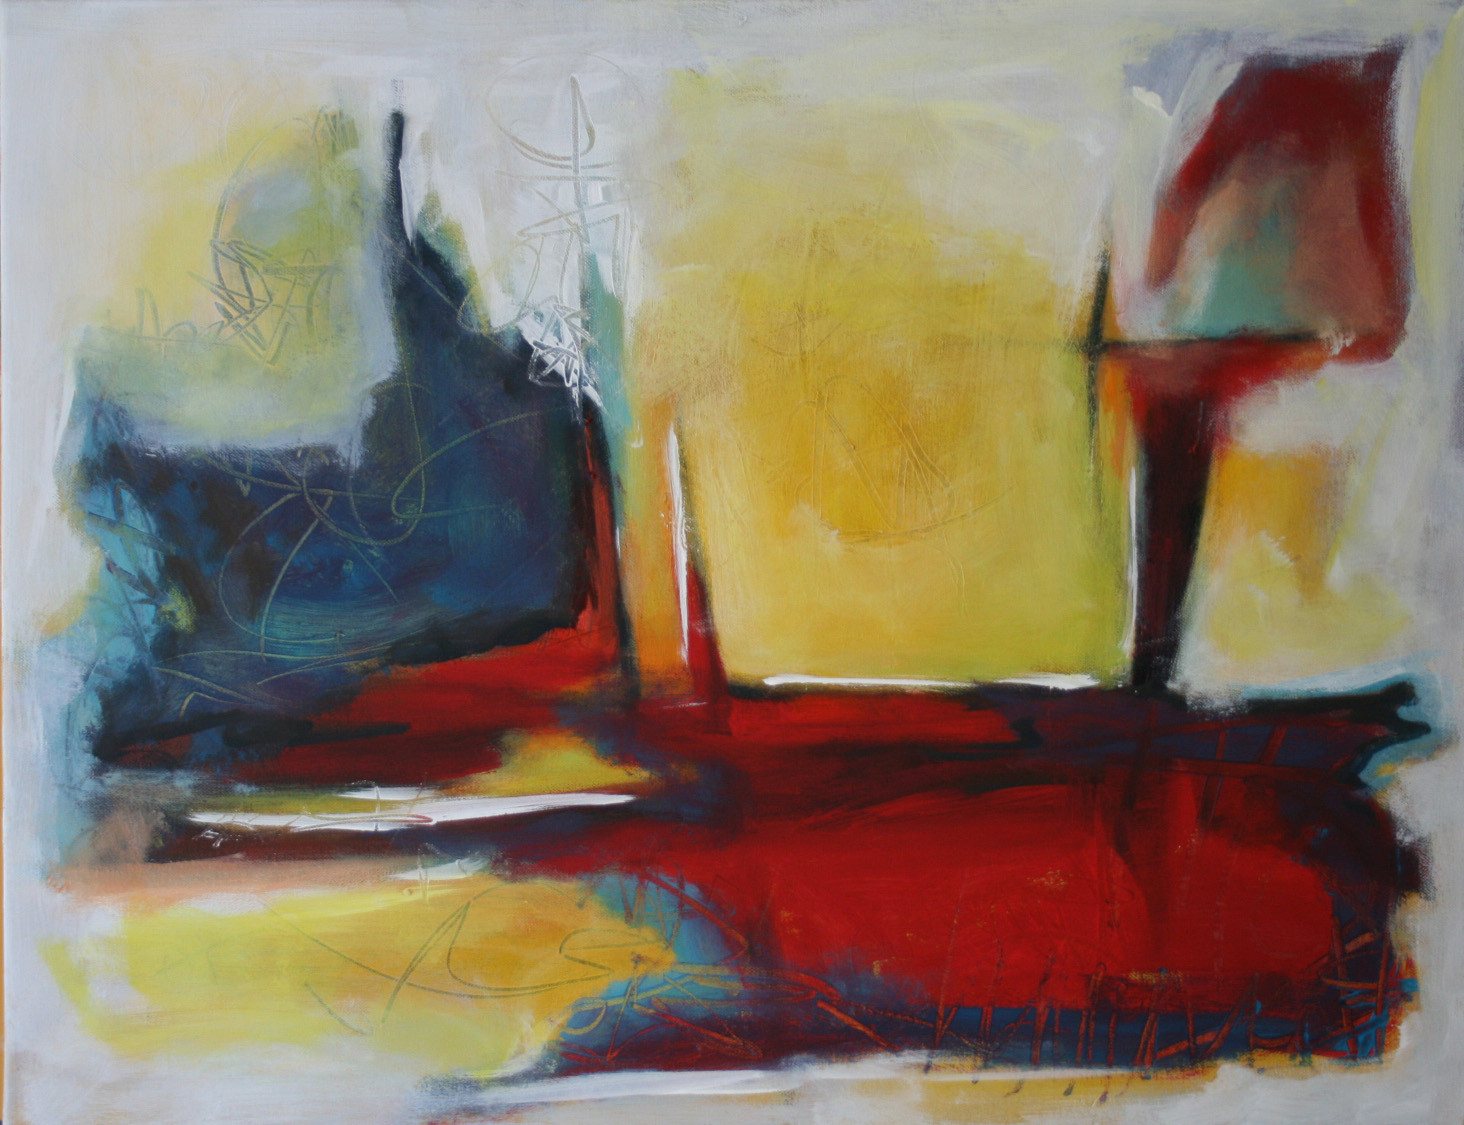 Freiheit I, , Öl und Acryl auf Leinwand, 58 x 76 cm